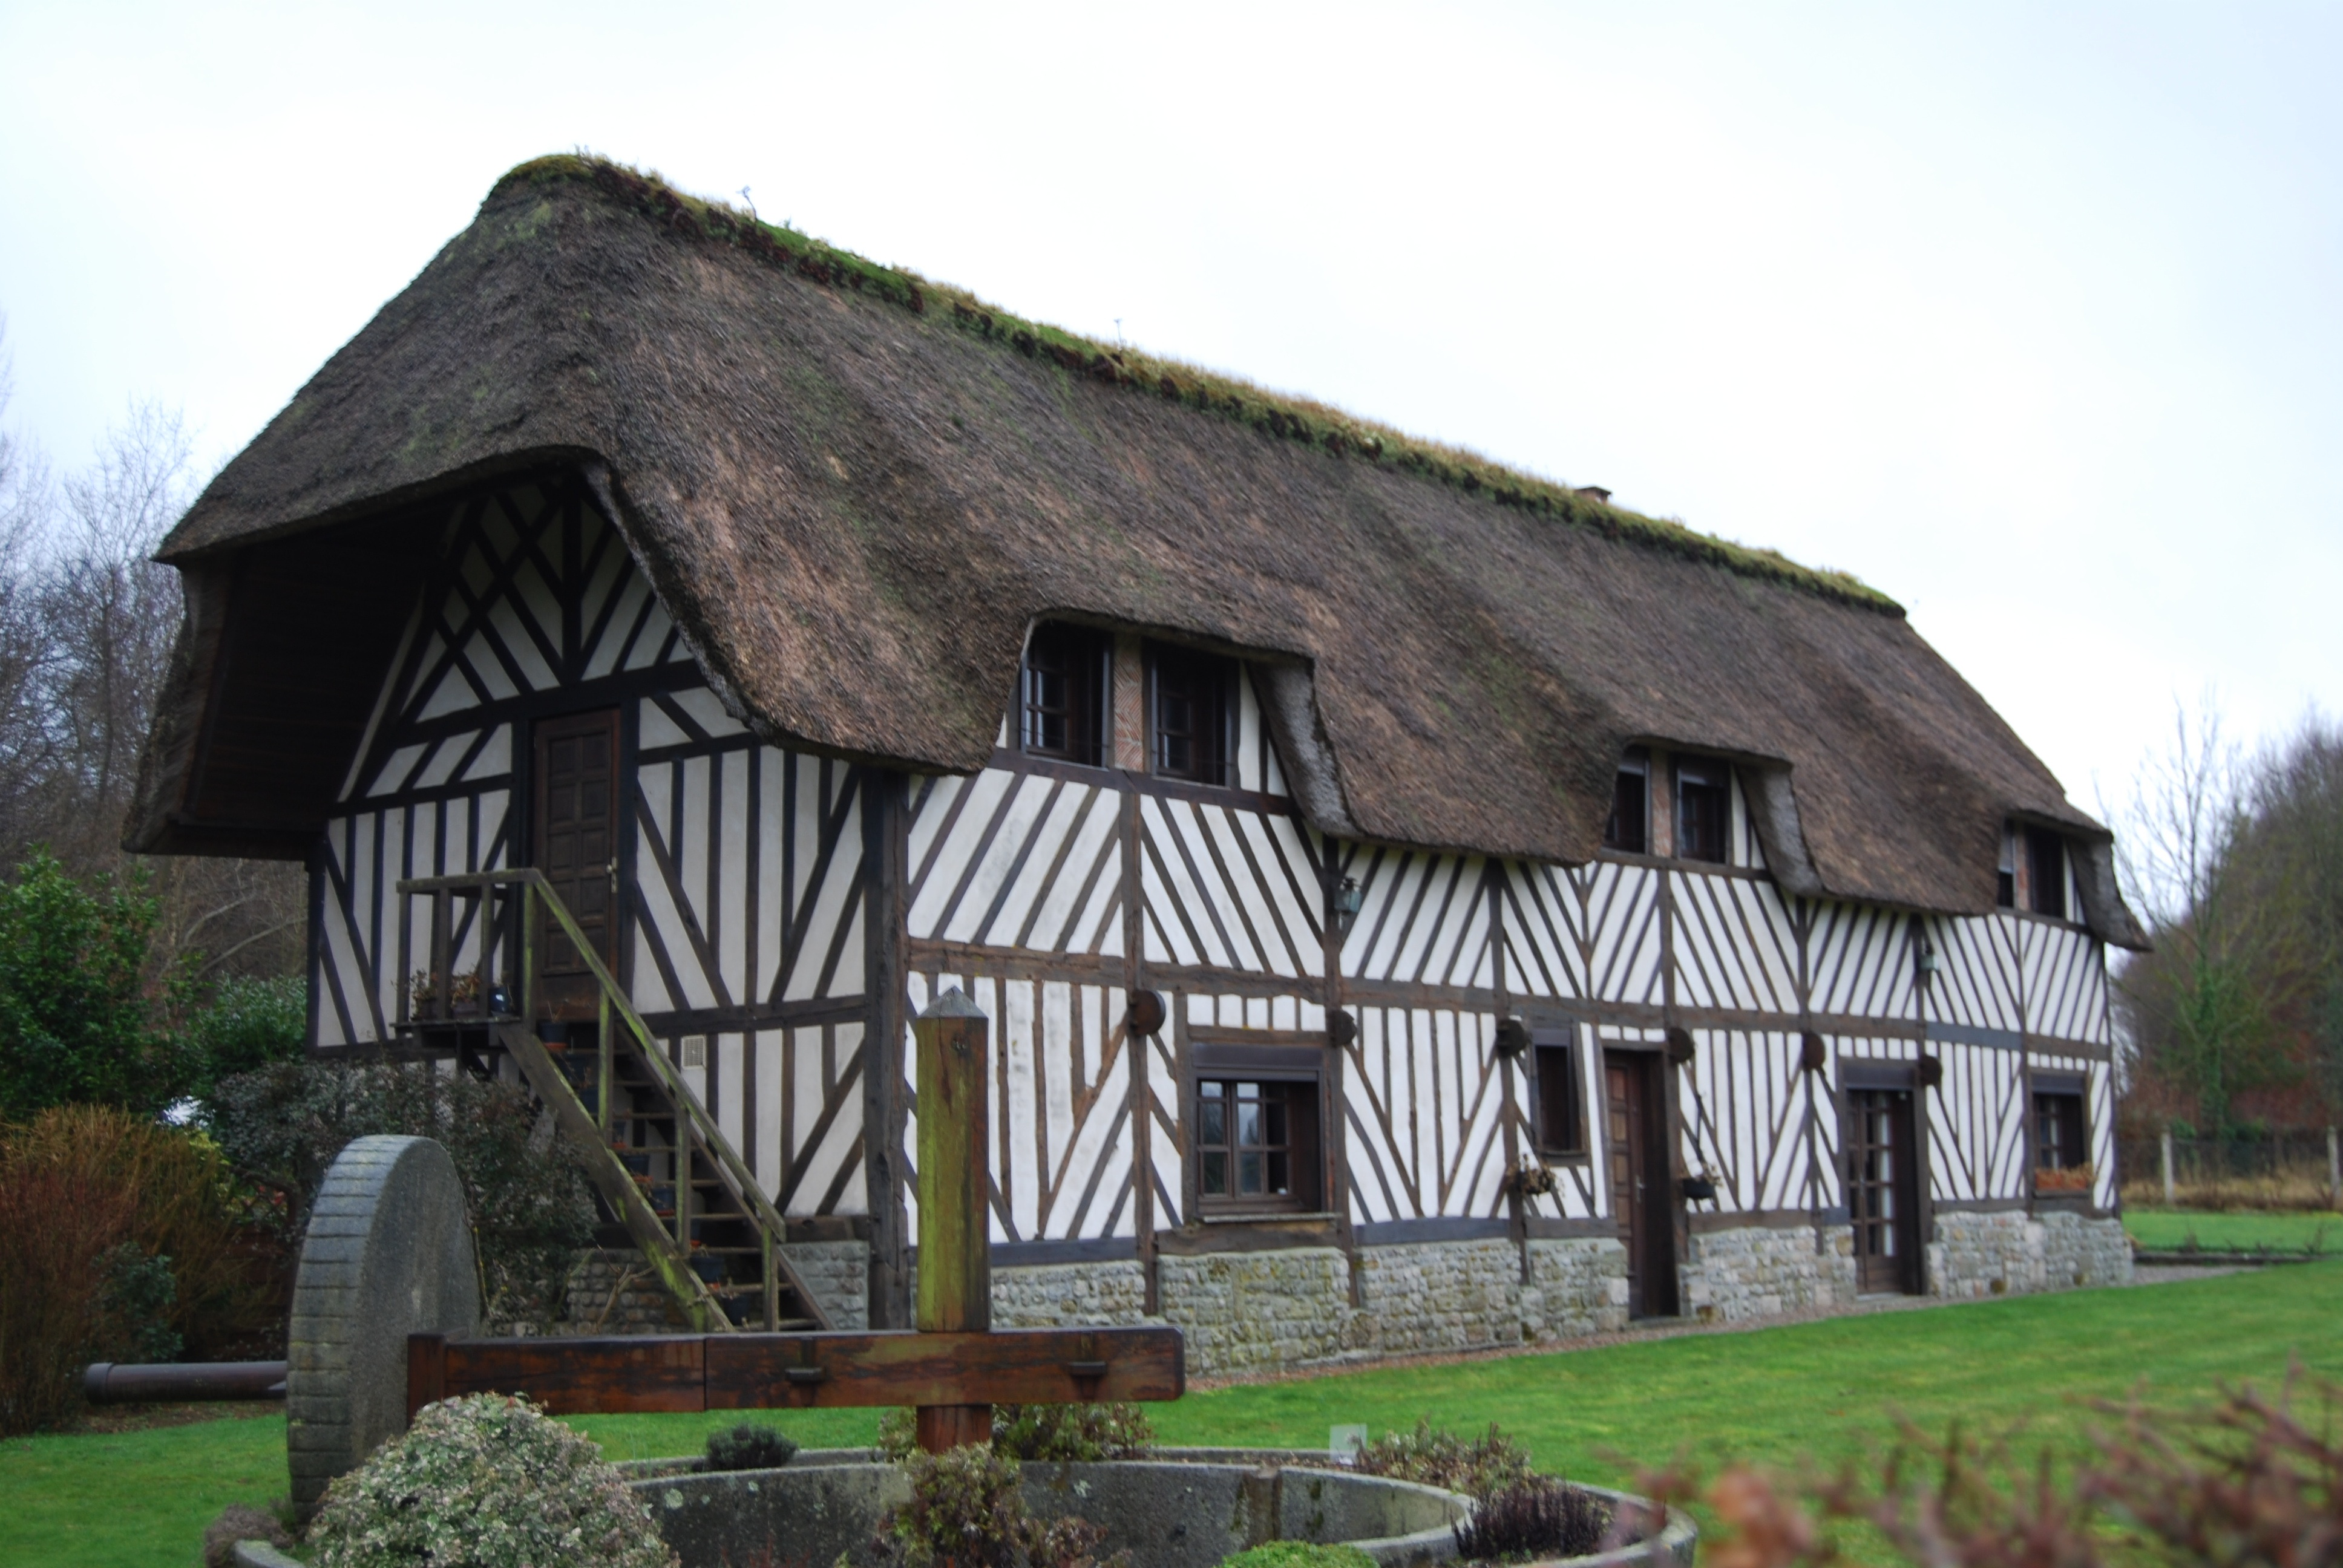 Exemple de maison typique du pays d 39 auge - Maison anglaise typique ...